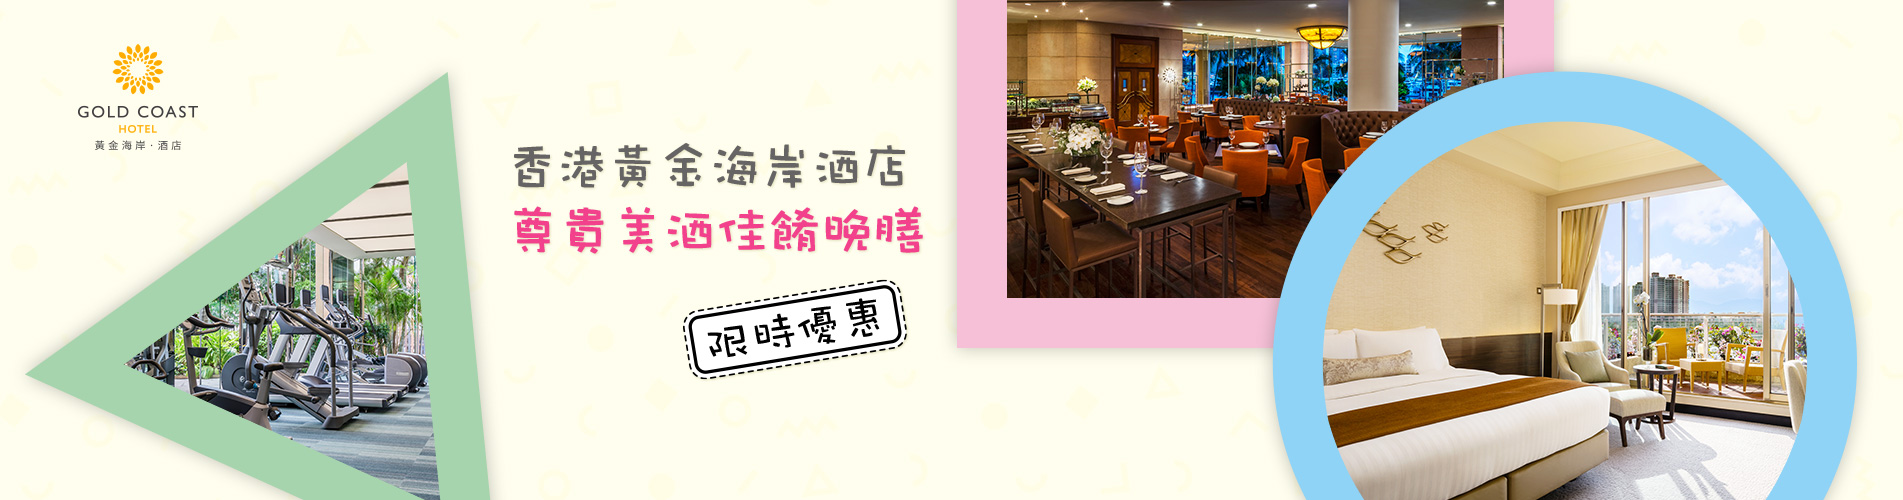 【快閃優惠】香港黃金海岸酒店Staycation 海景房連露台